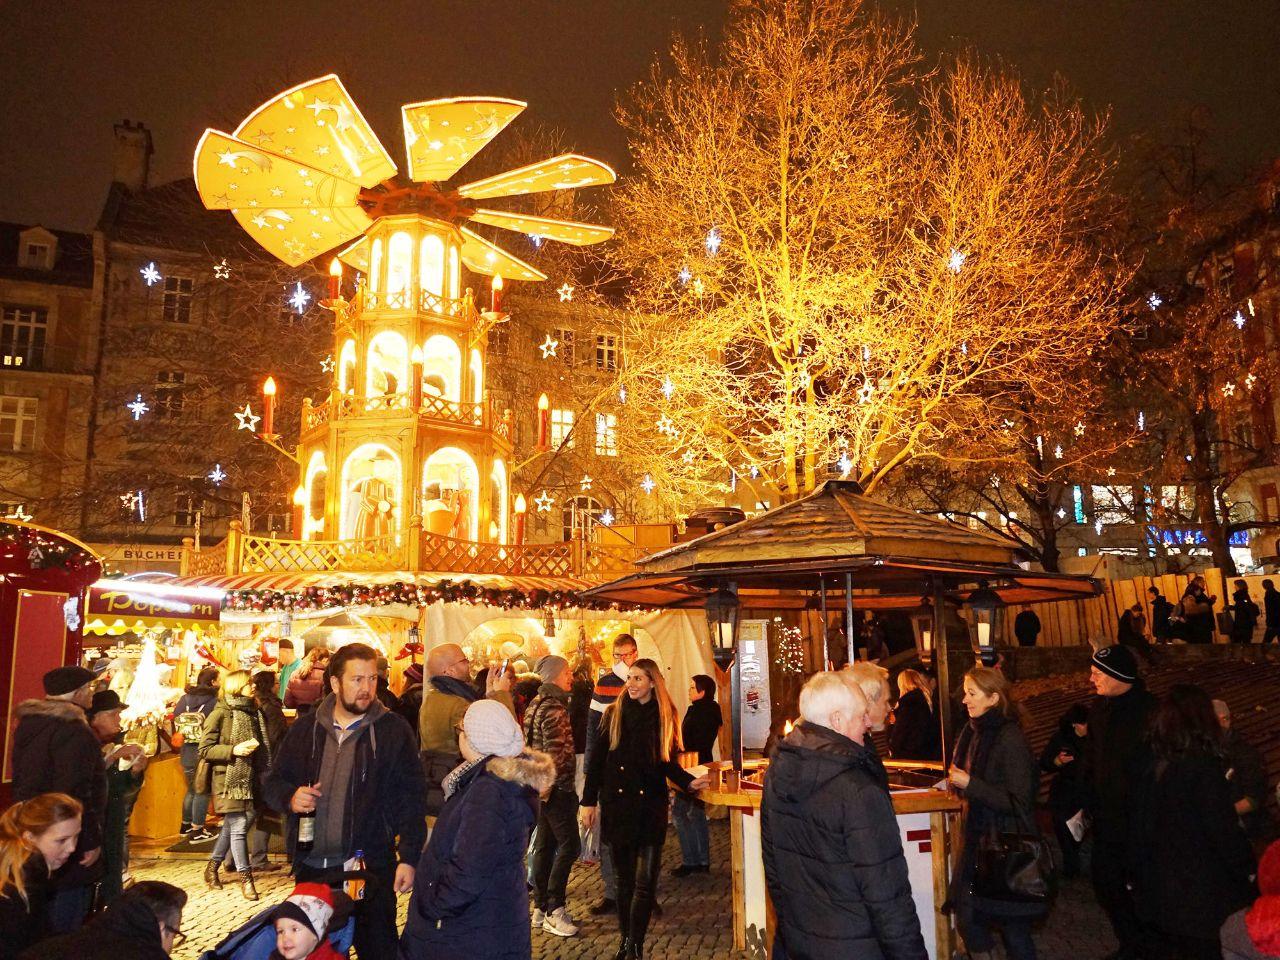 Wann Ist Der Weihnachtsmarkt.Weihnachtsmärkte In München Das Offizielle Stadtportal Muenchen De